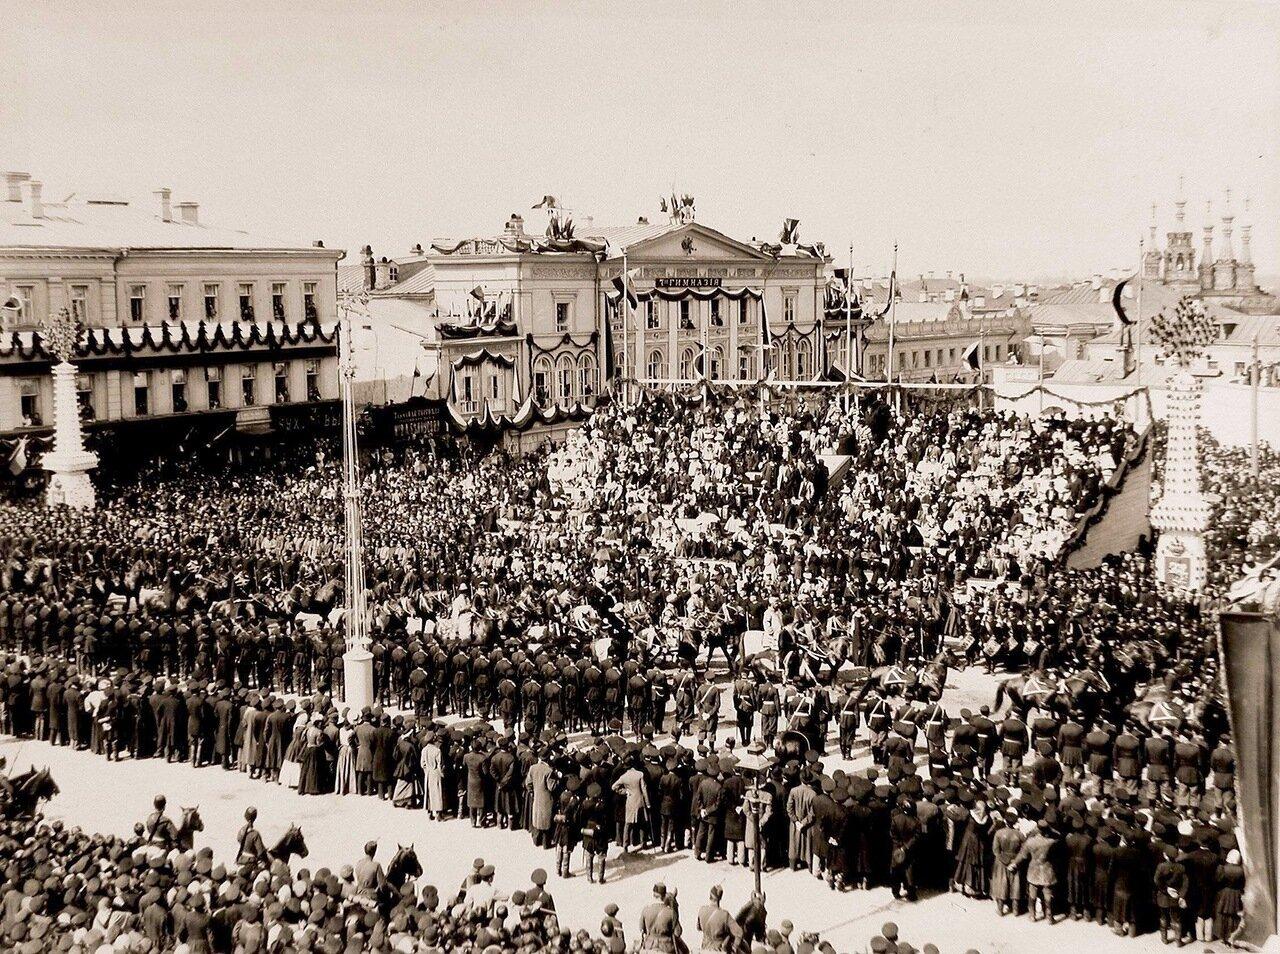 Депутаты азиатских народов  проходят по Страстной площади в день торжественного въезда императора Николая II и императрицы Александры Федоровны в Москву